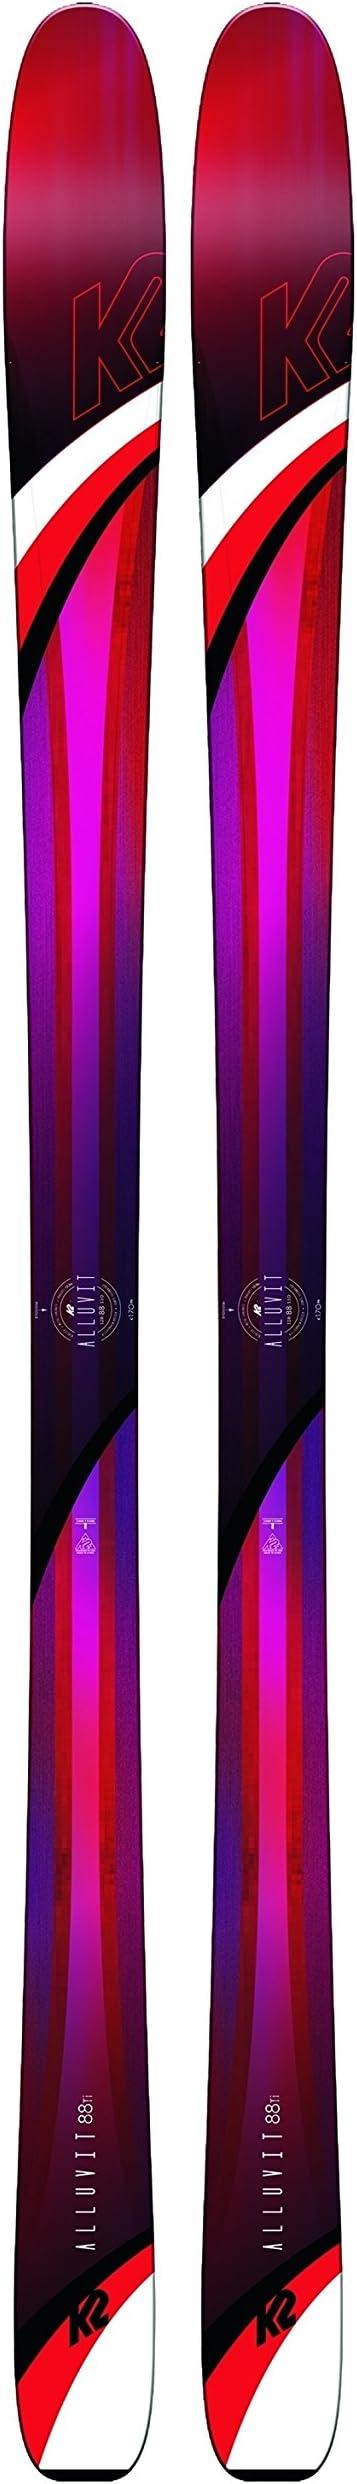 K2 Pack esquí alluvit 88 TI + Fijaciones Squire 11 ID – Mujer – Rosa, Rose, 156 cm: Amazon.es: Deportes y aire libre